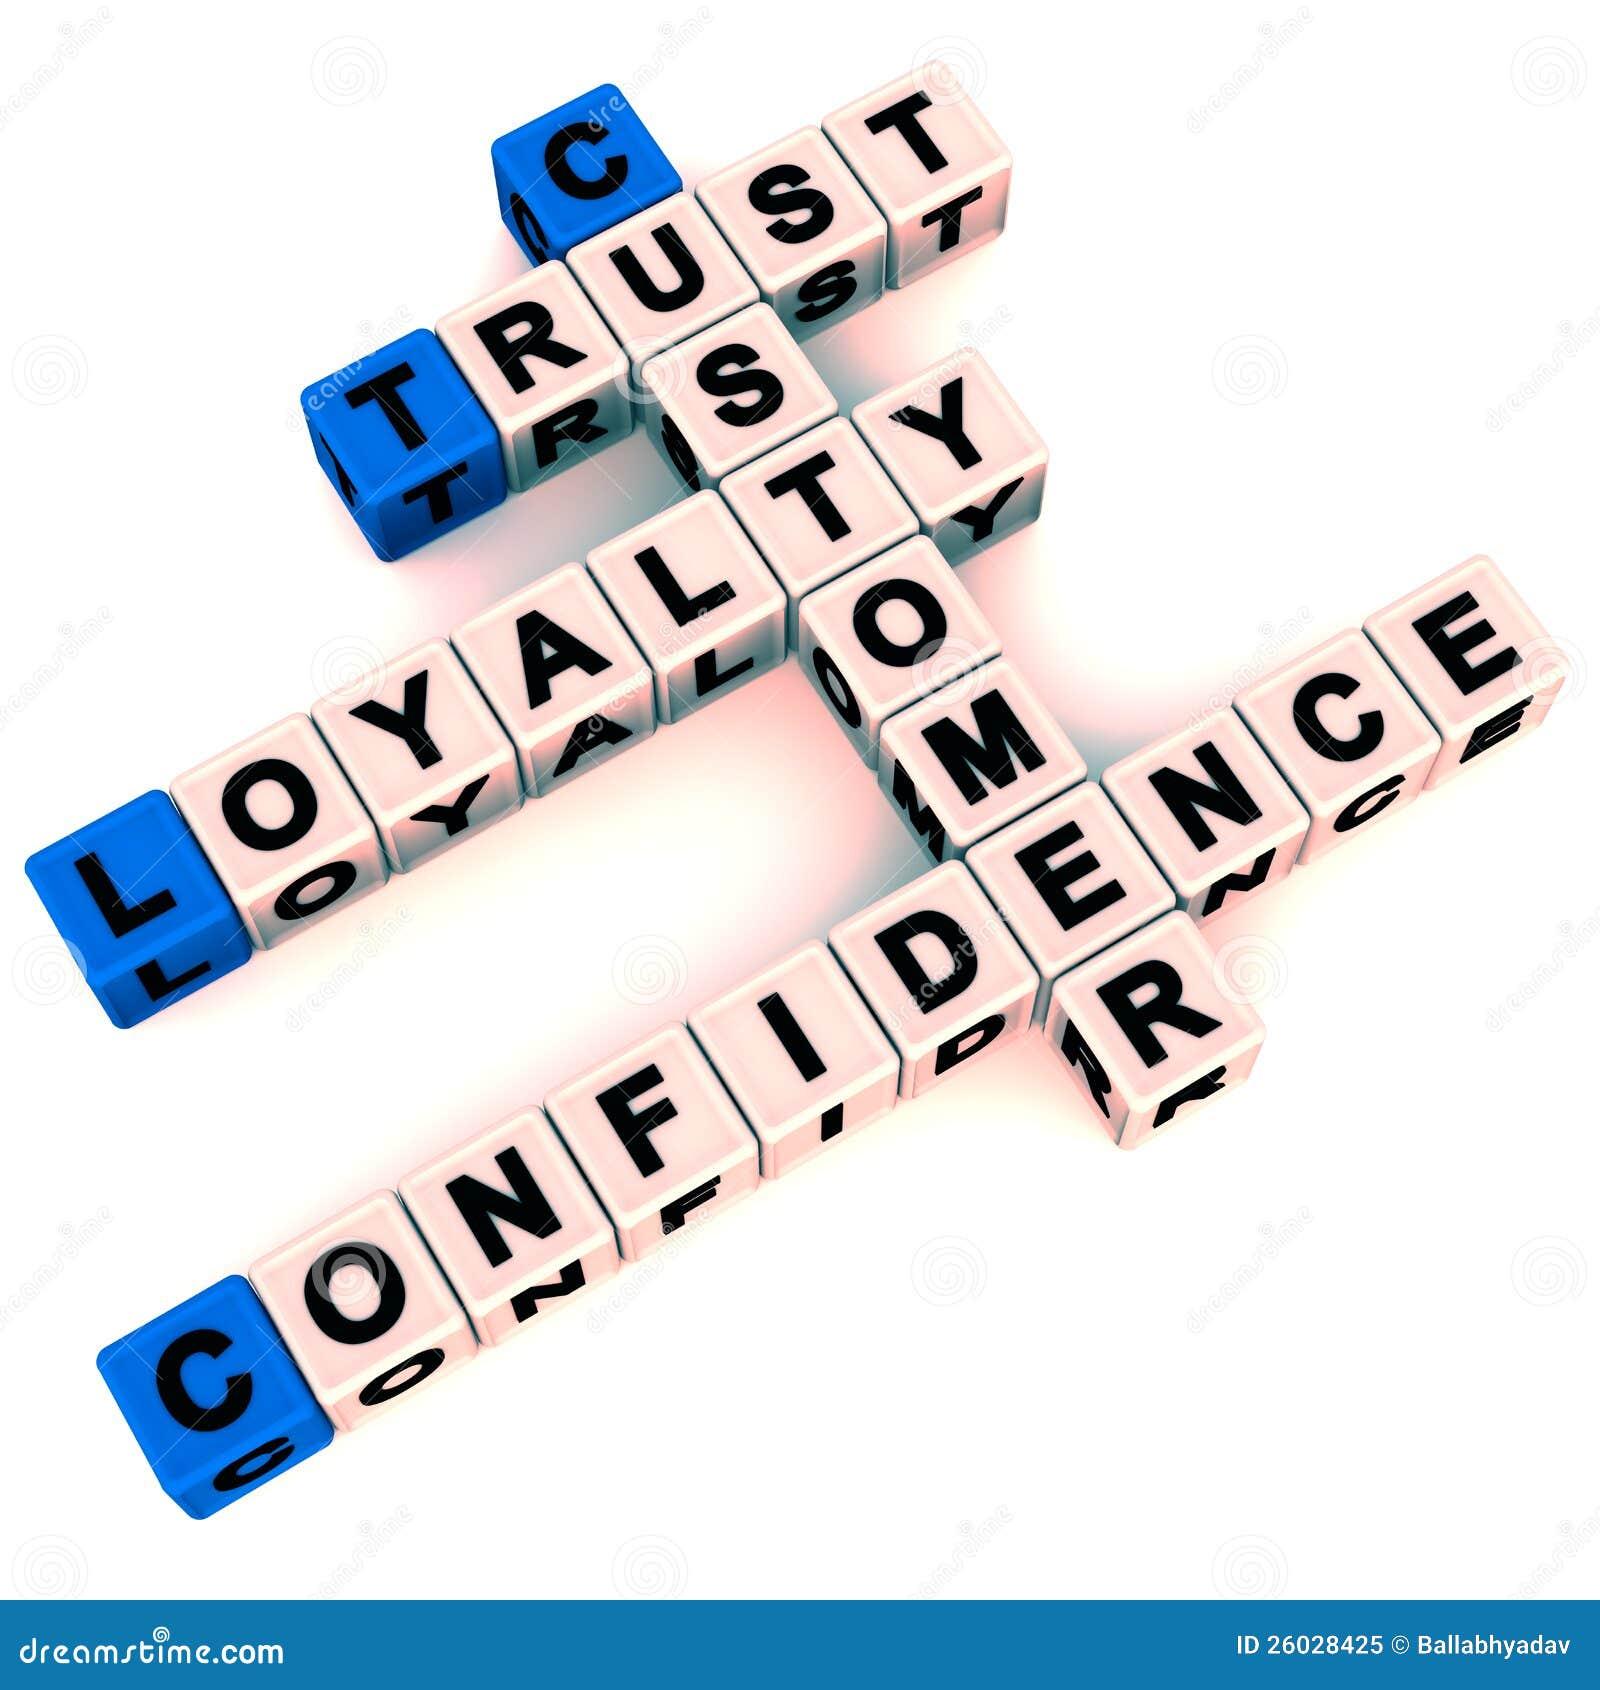 客户忠诚度和信任